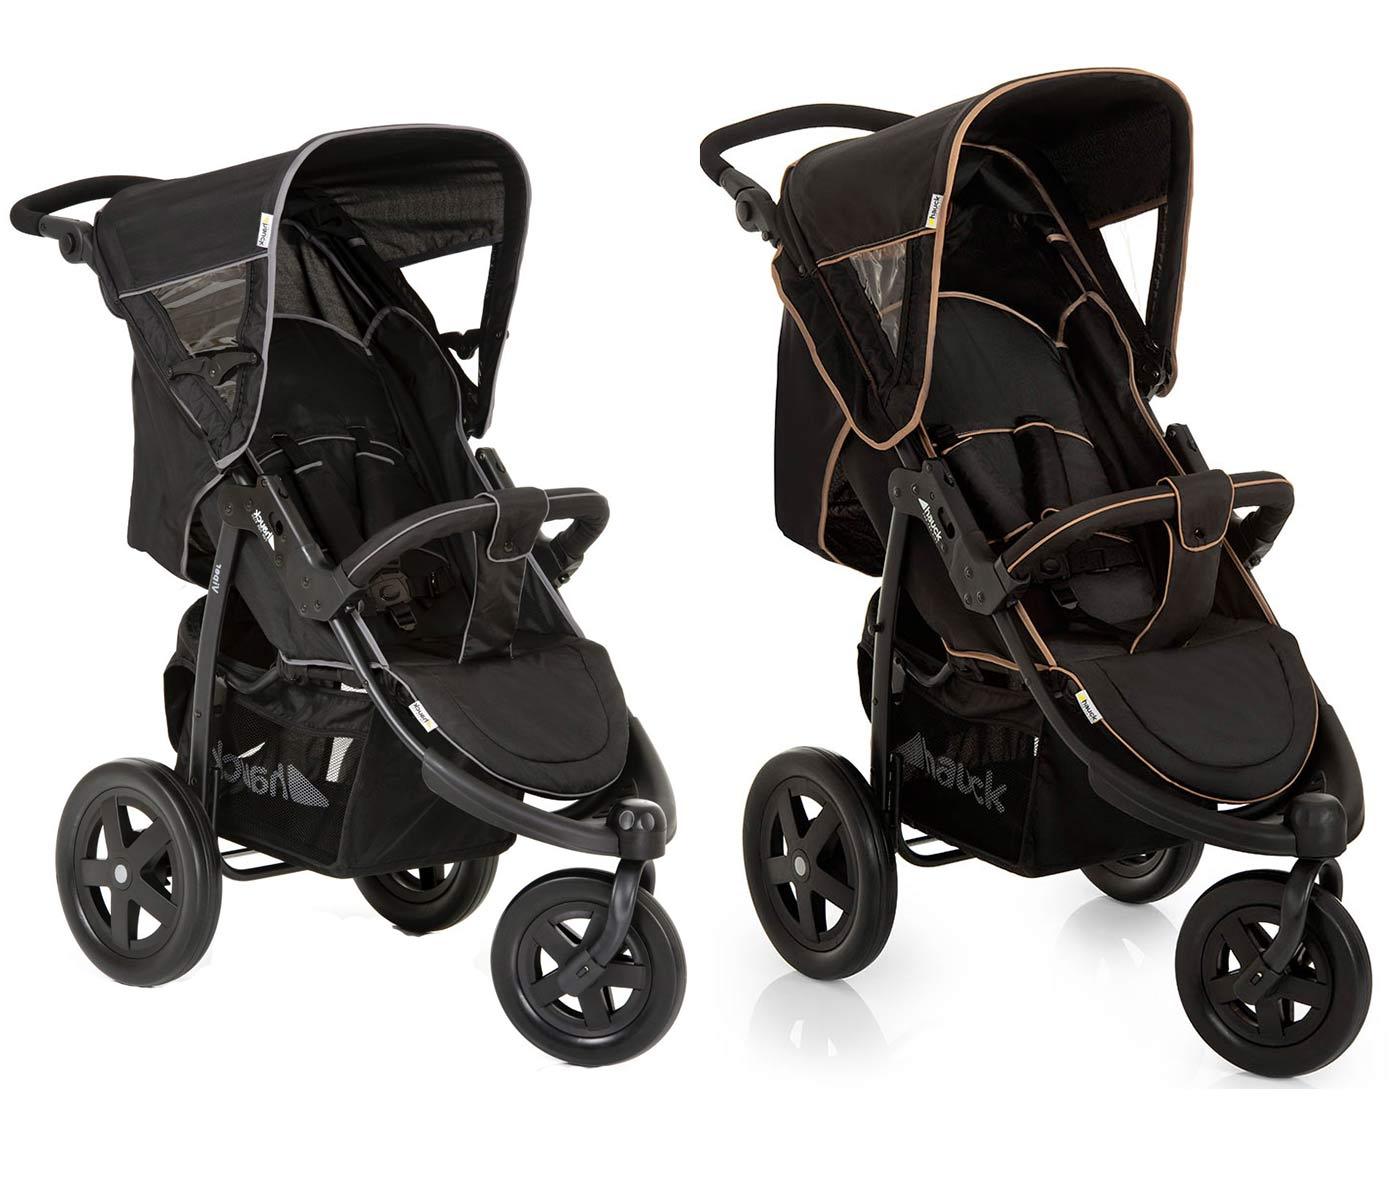 hauck viper kinderwagen buggy baby kleinkinder kinder. Black Bedroom Furniture Sets. Home Design Ideas